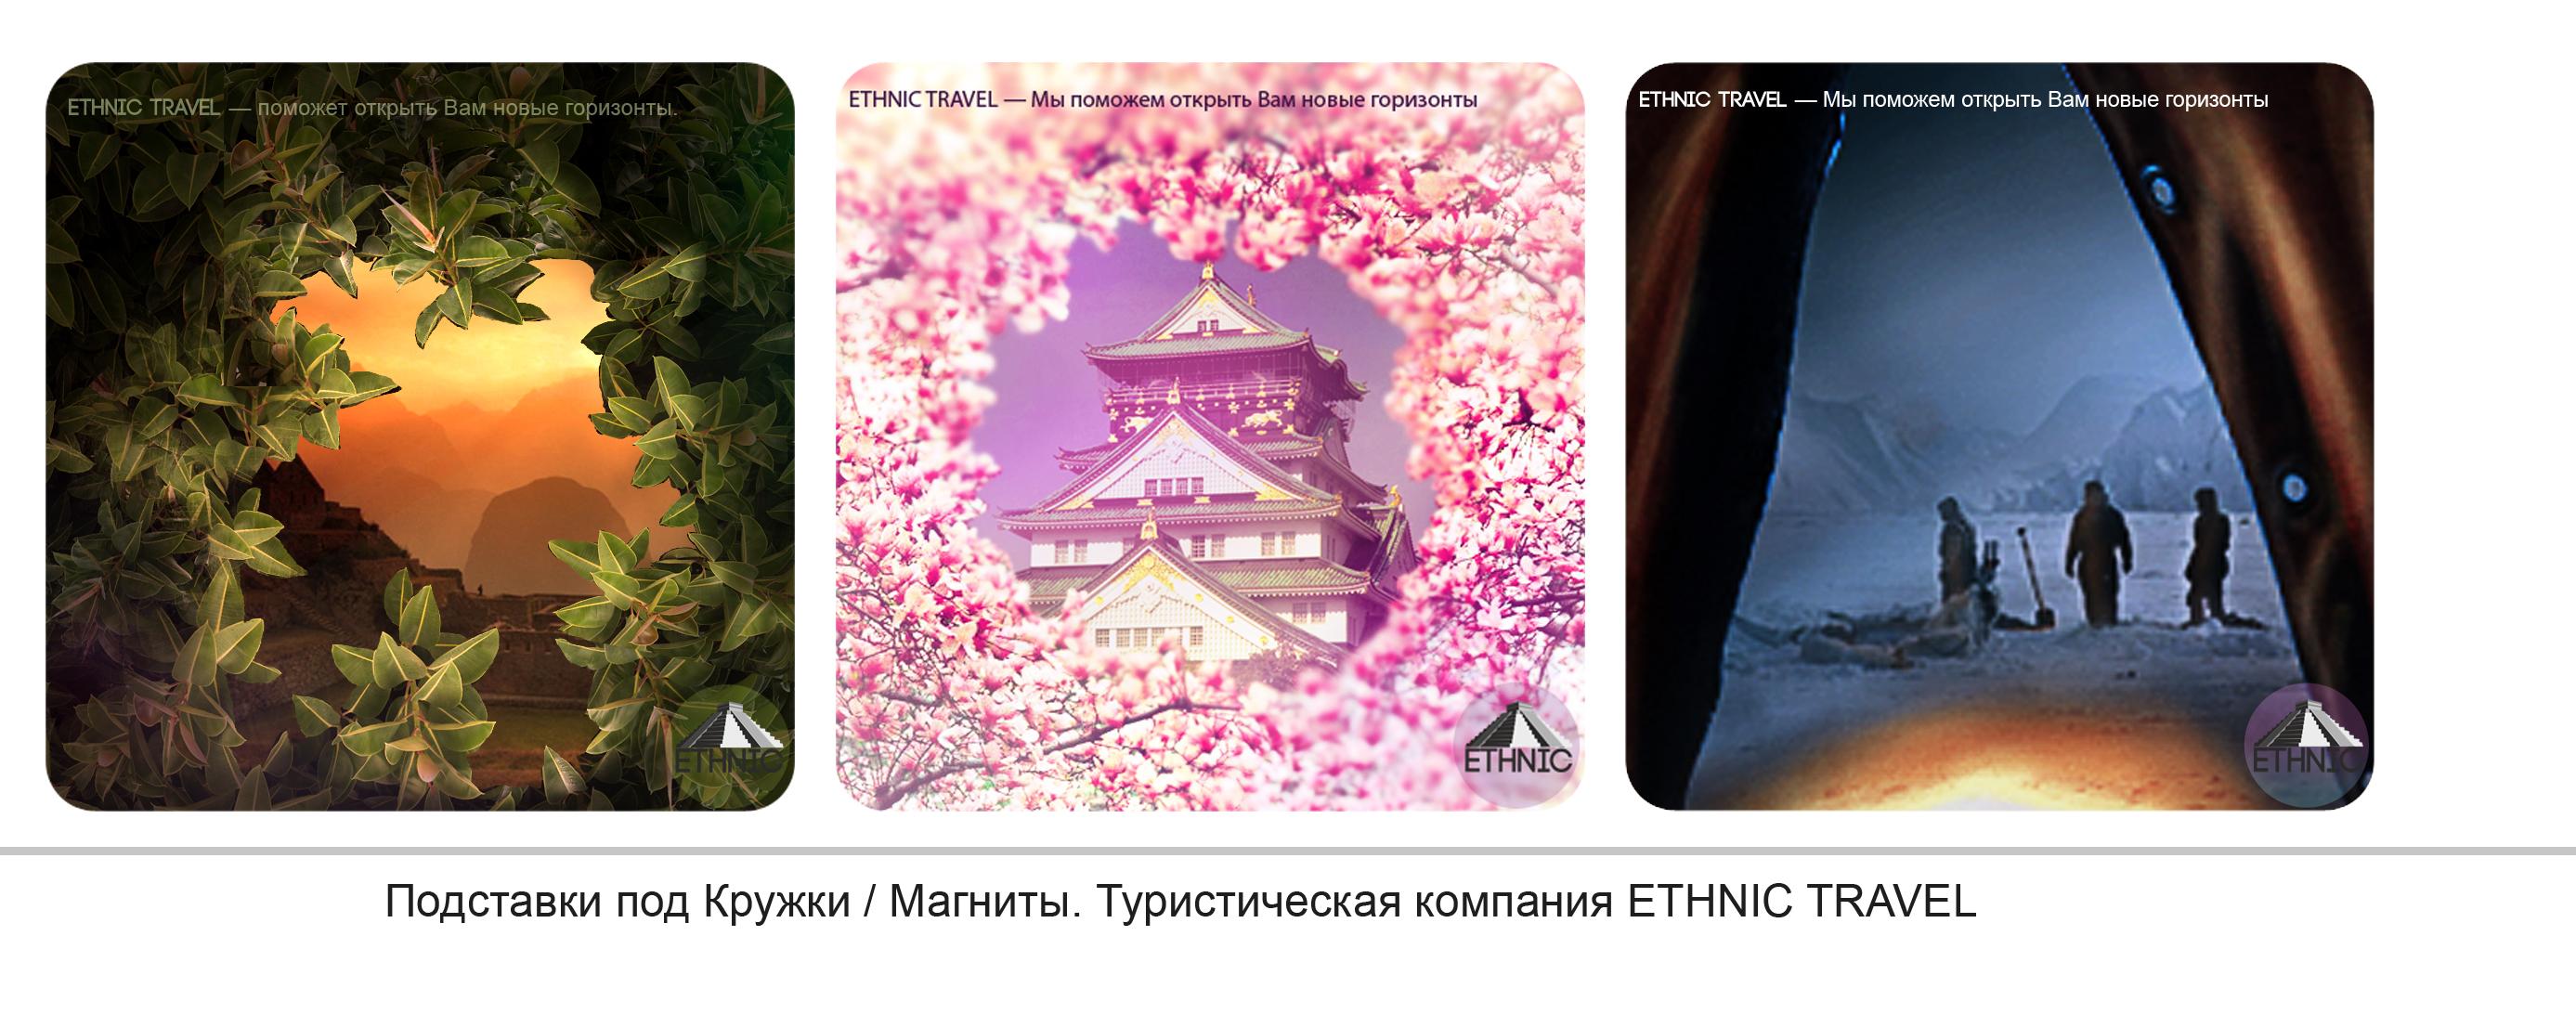 Ethnic Travel (подставки под кружки)